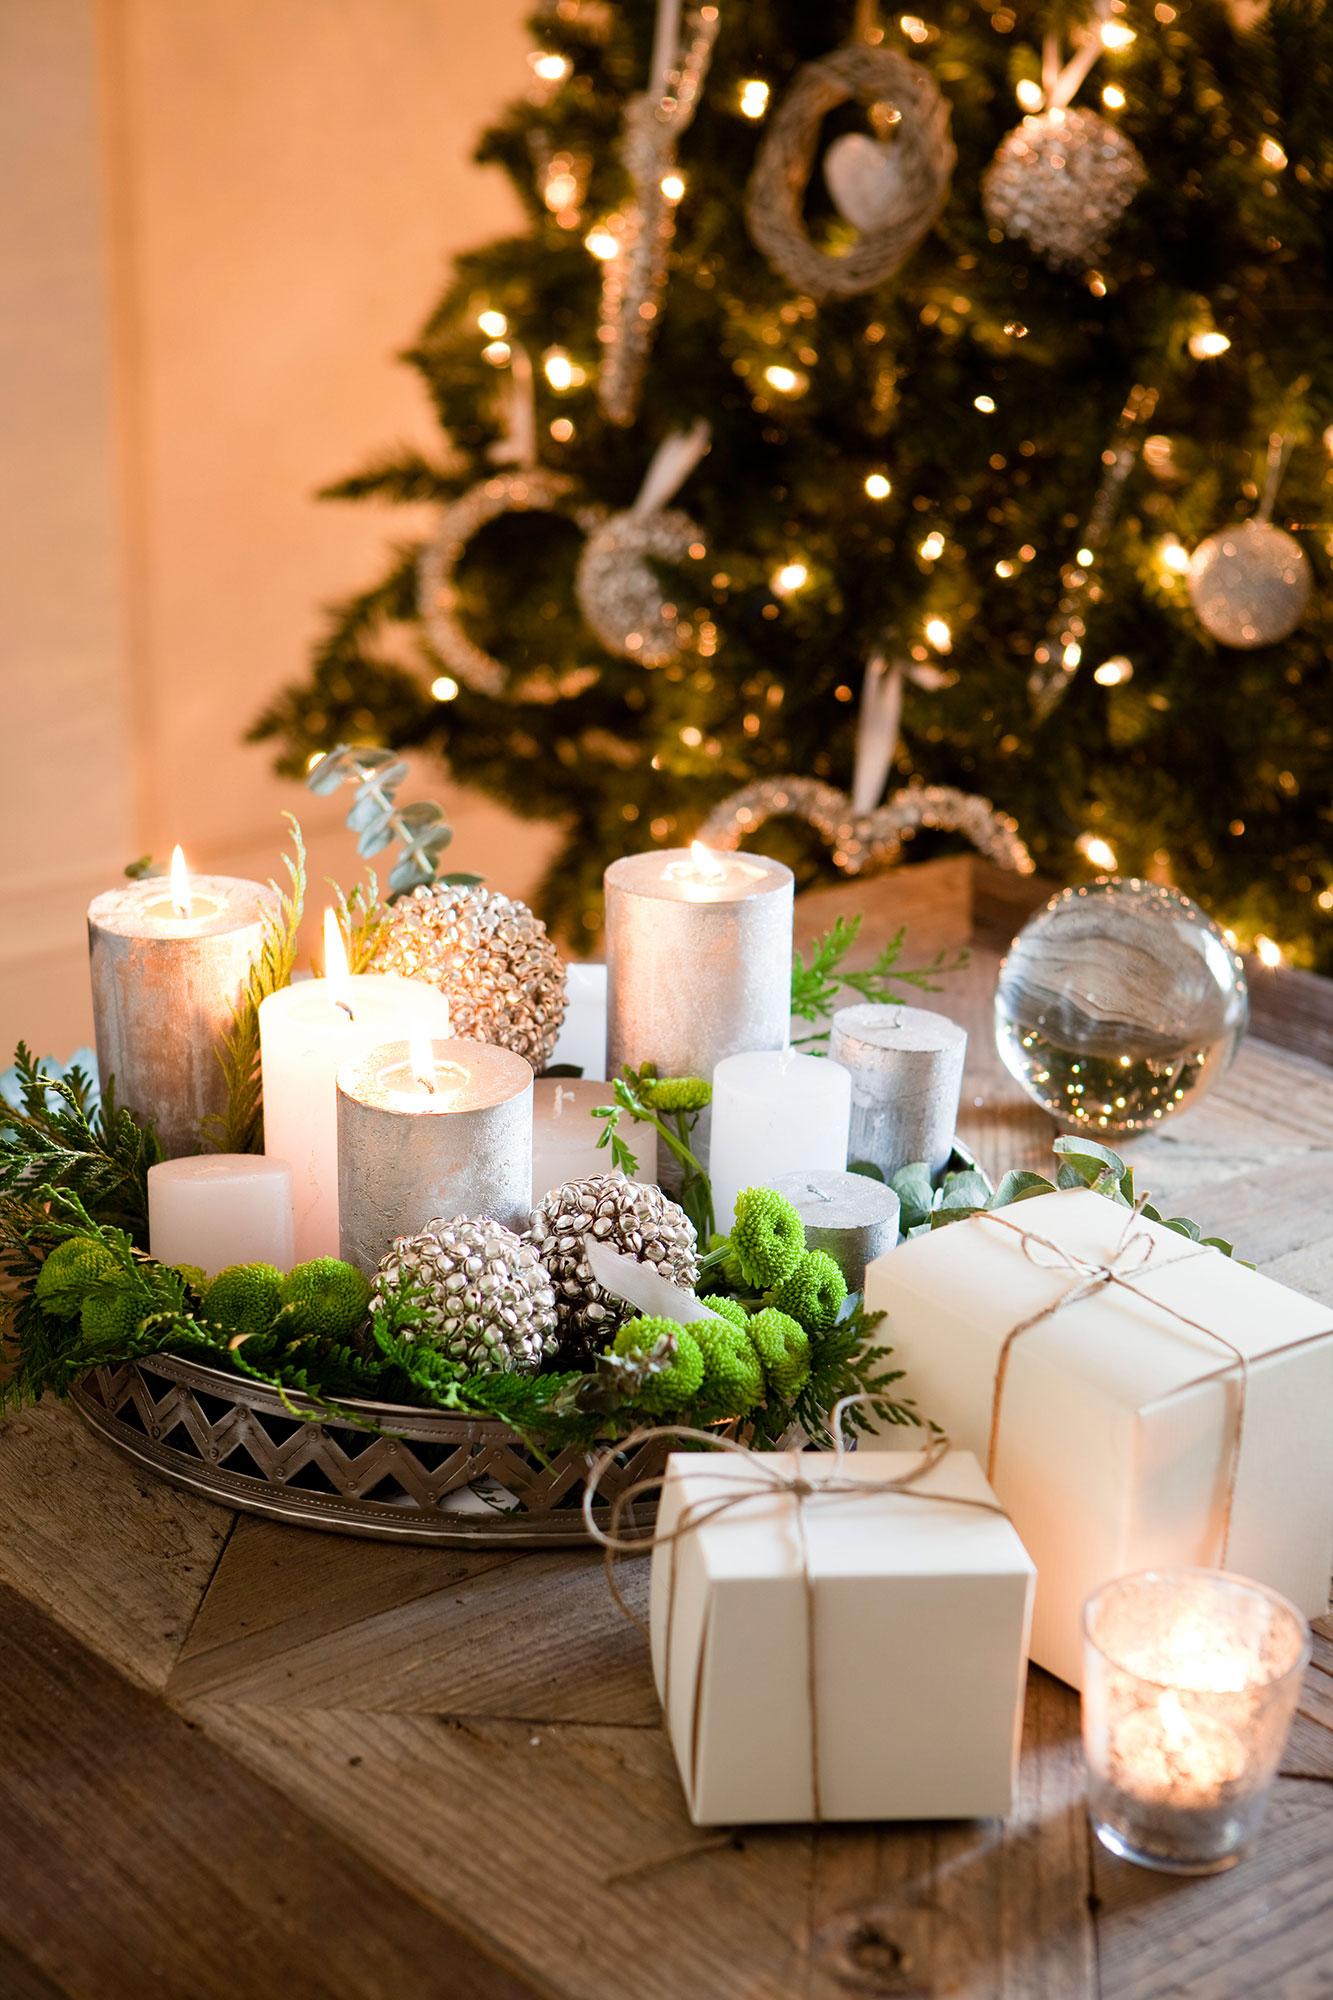 Detalles e ideas en plata para decorar tu casa esta navidad for Centro mesa navidad